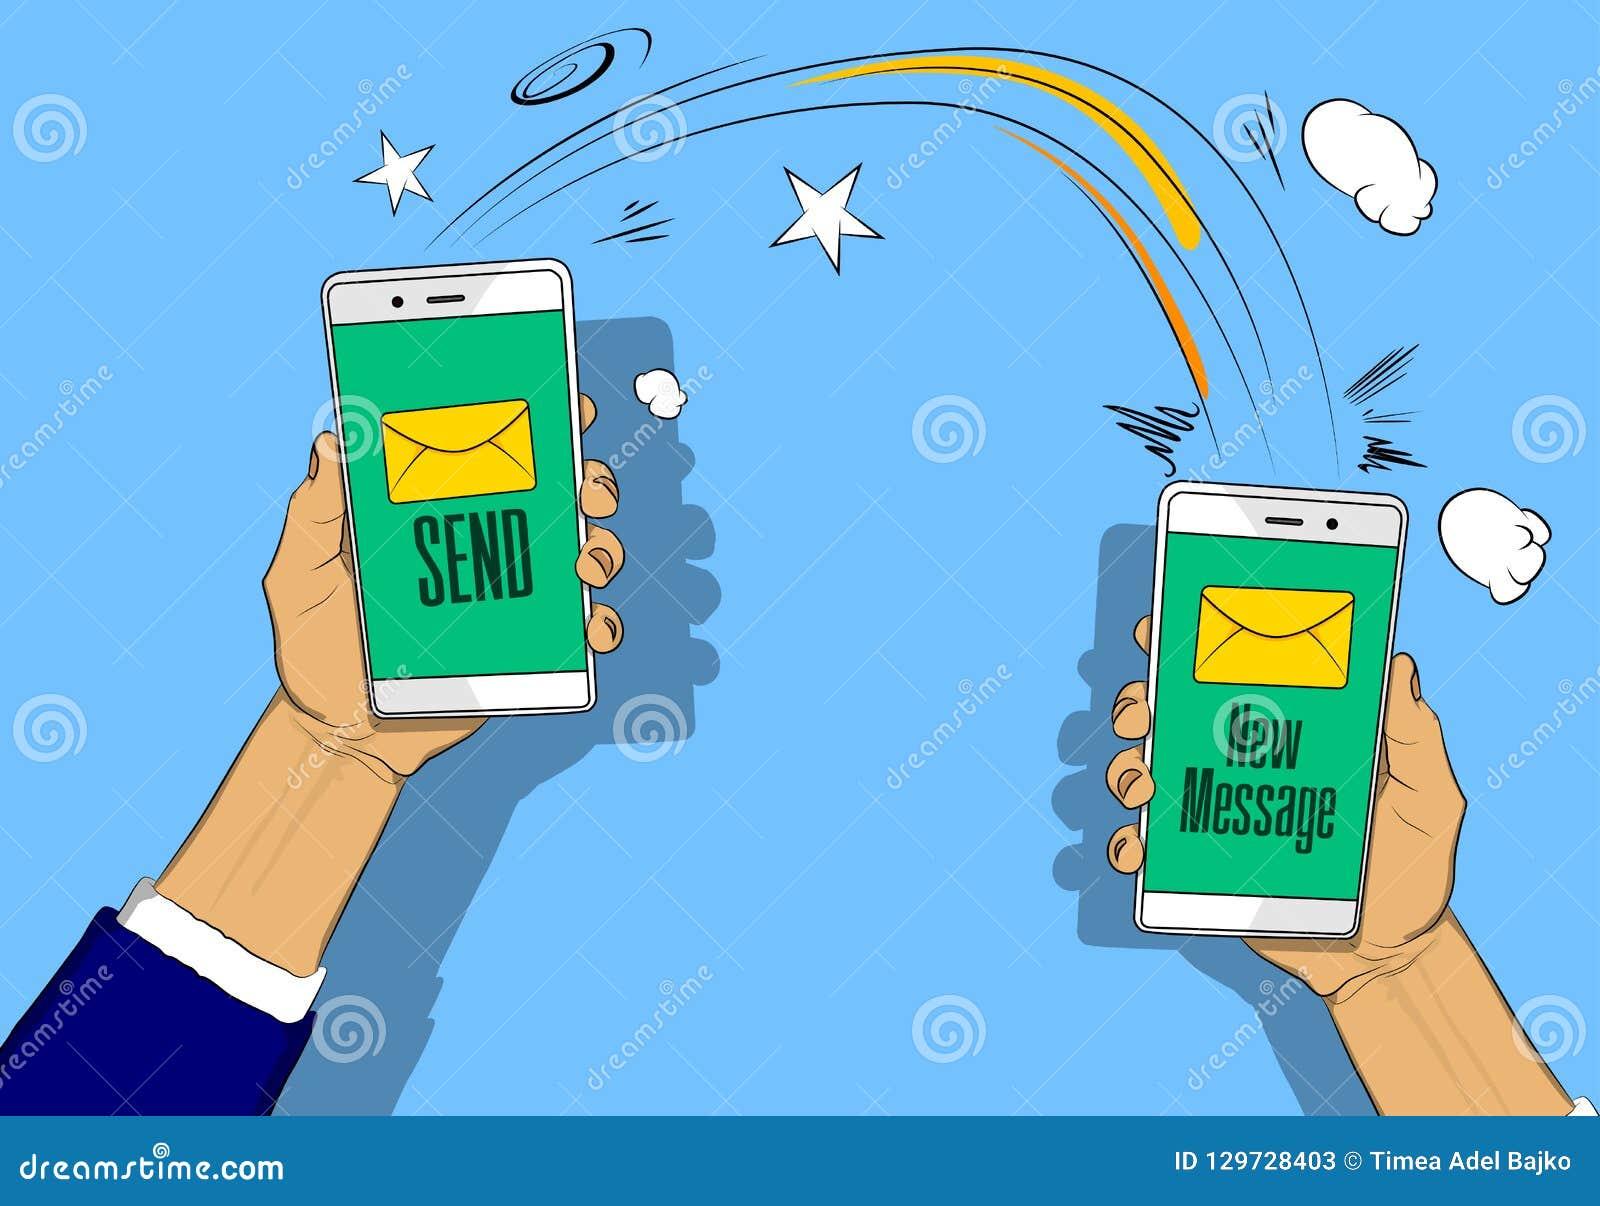 Τα χέρια που κρατούν τα τηλέφωνα με την επιστολή, στέλνουν και νέο κουμπί μηνυμάτων στην οθόνη